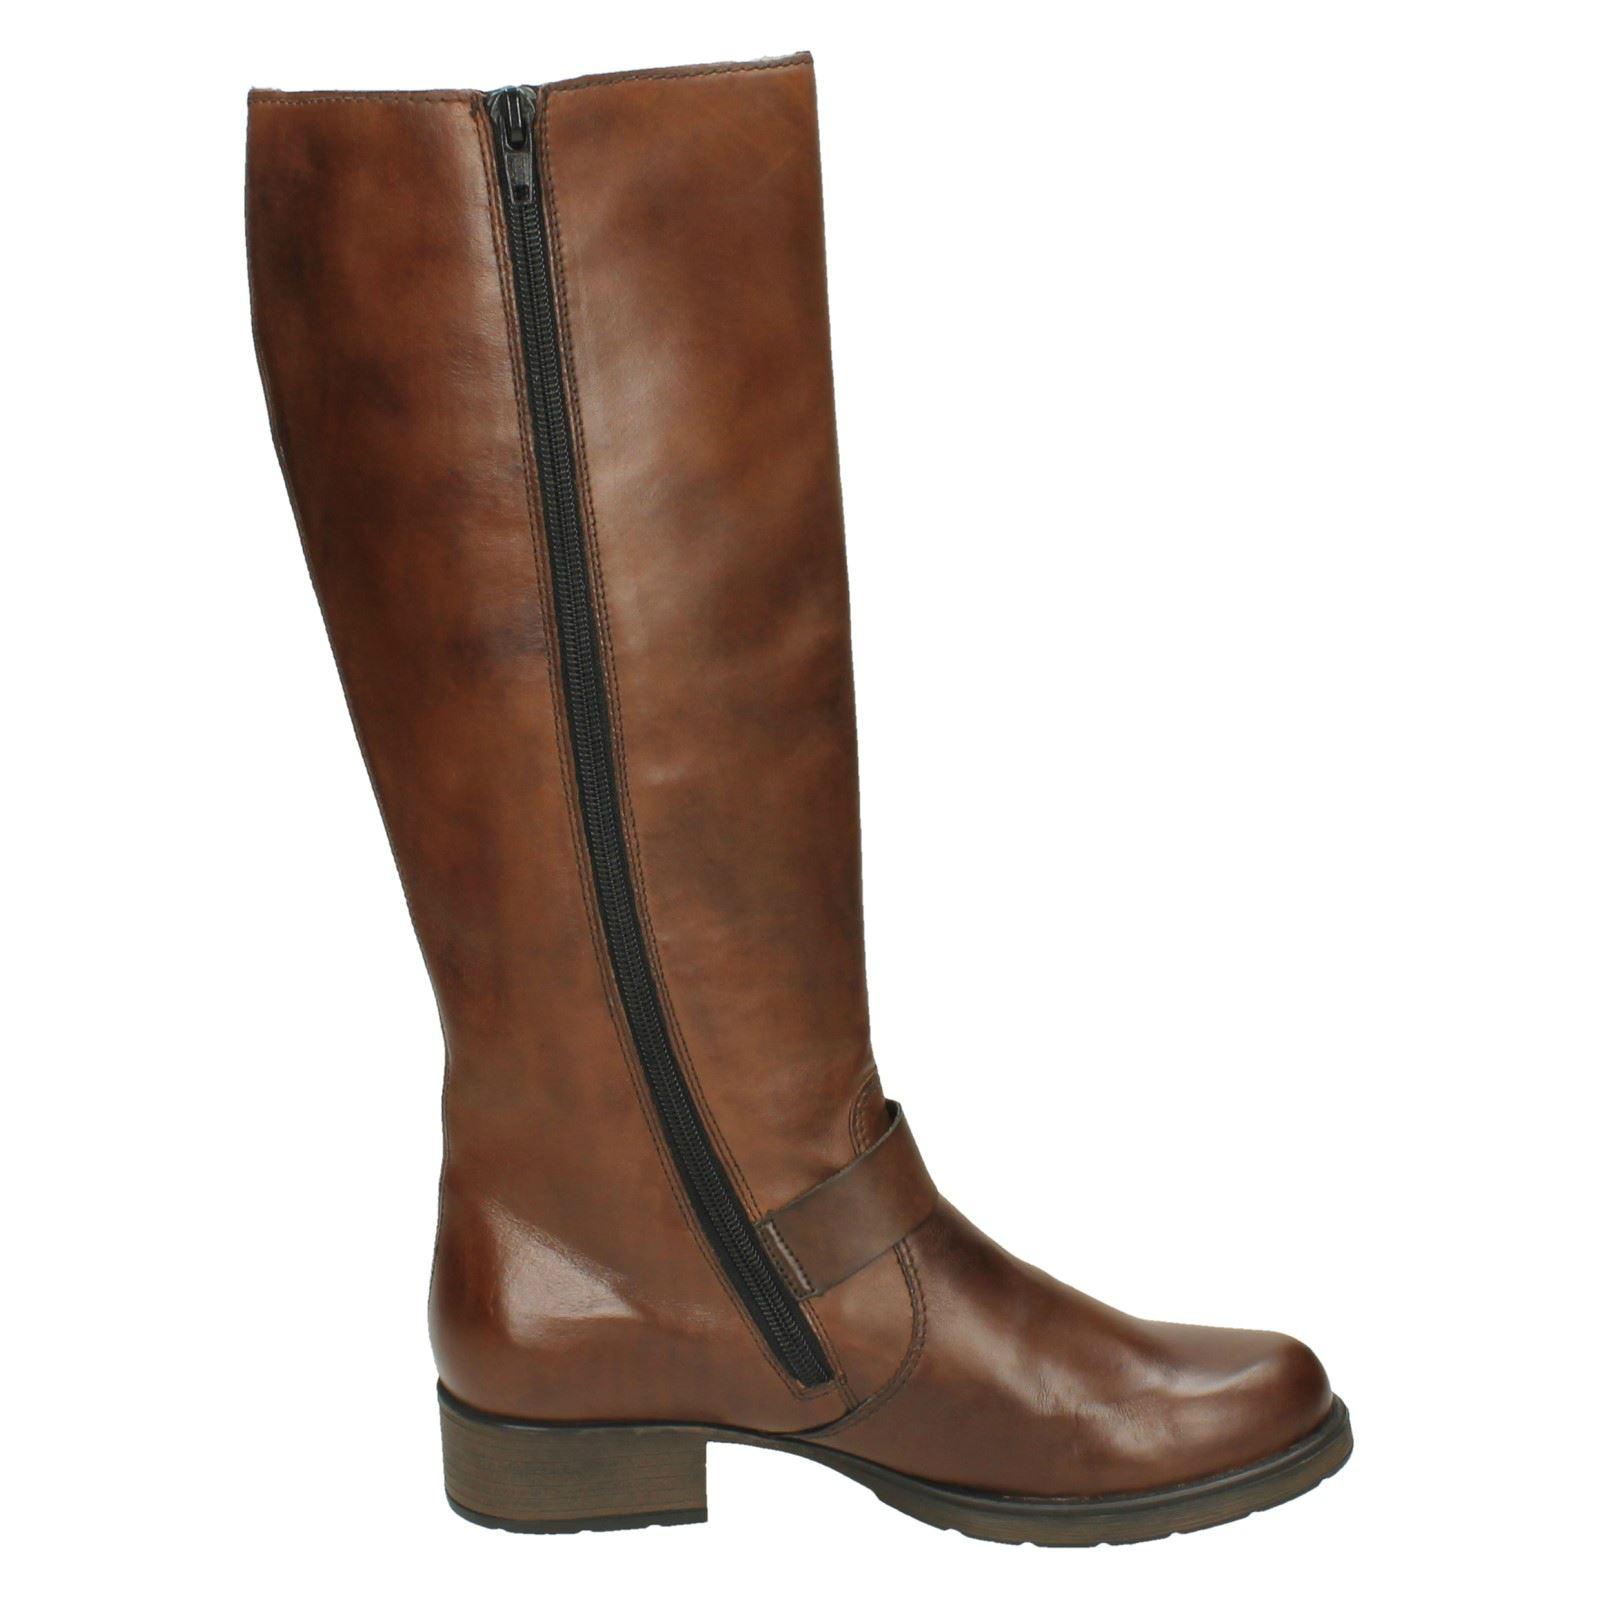 neueste Kollektion Beförderung gute Qualität Details about Ladies Rieker Knee Length Boots Z9580